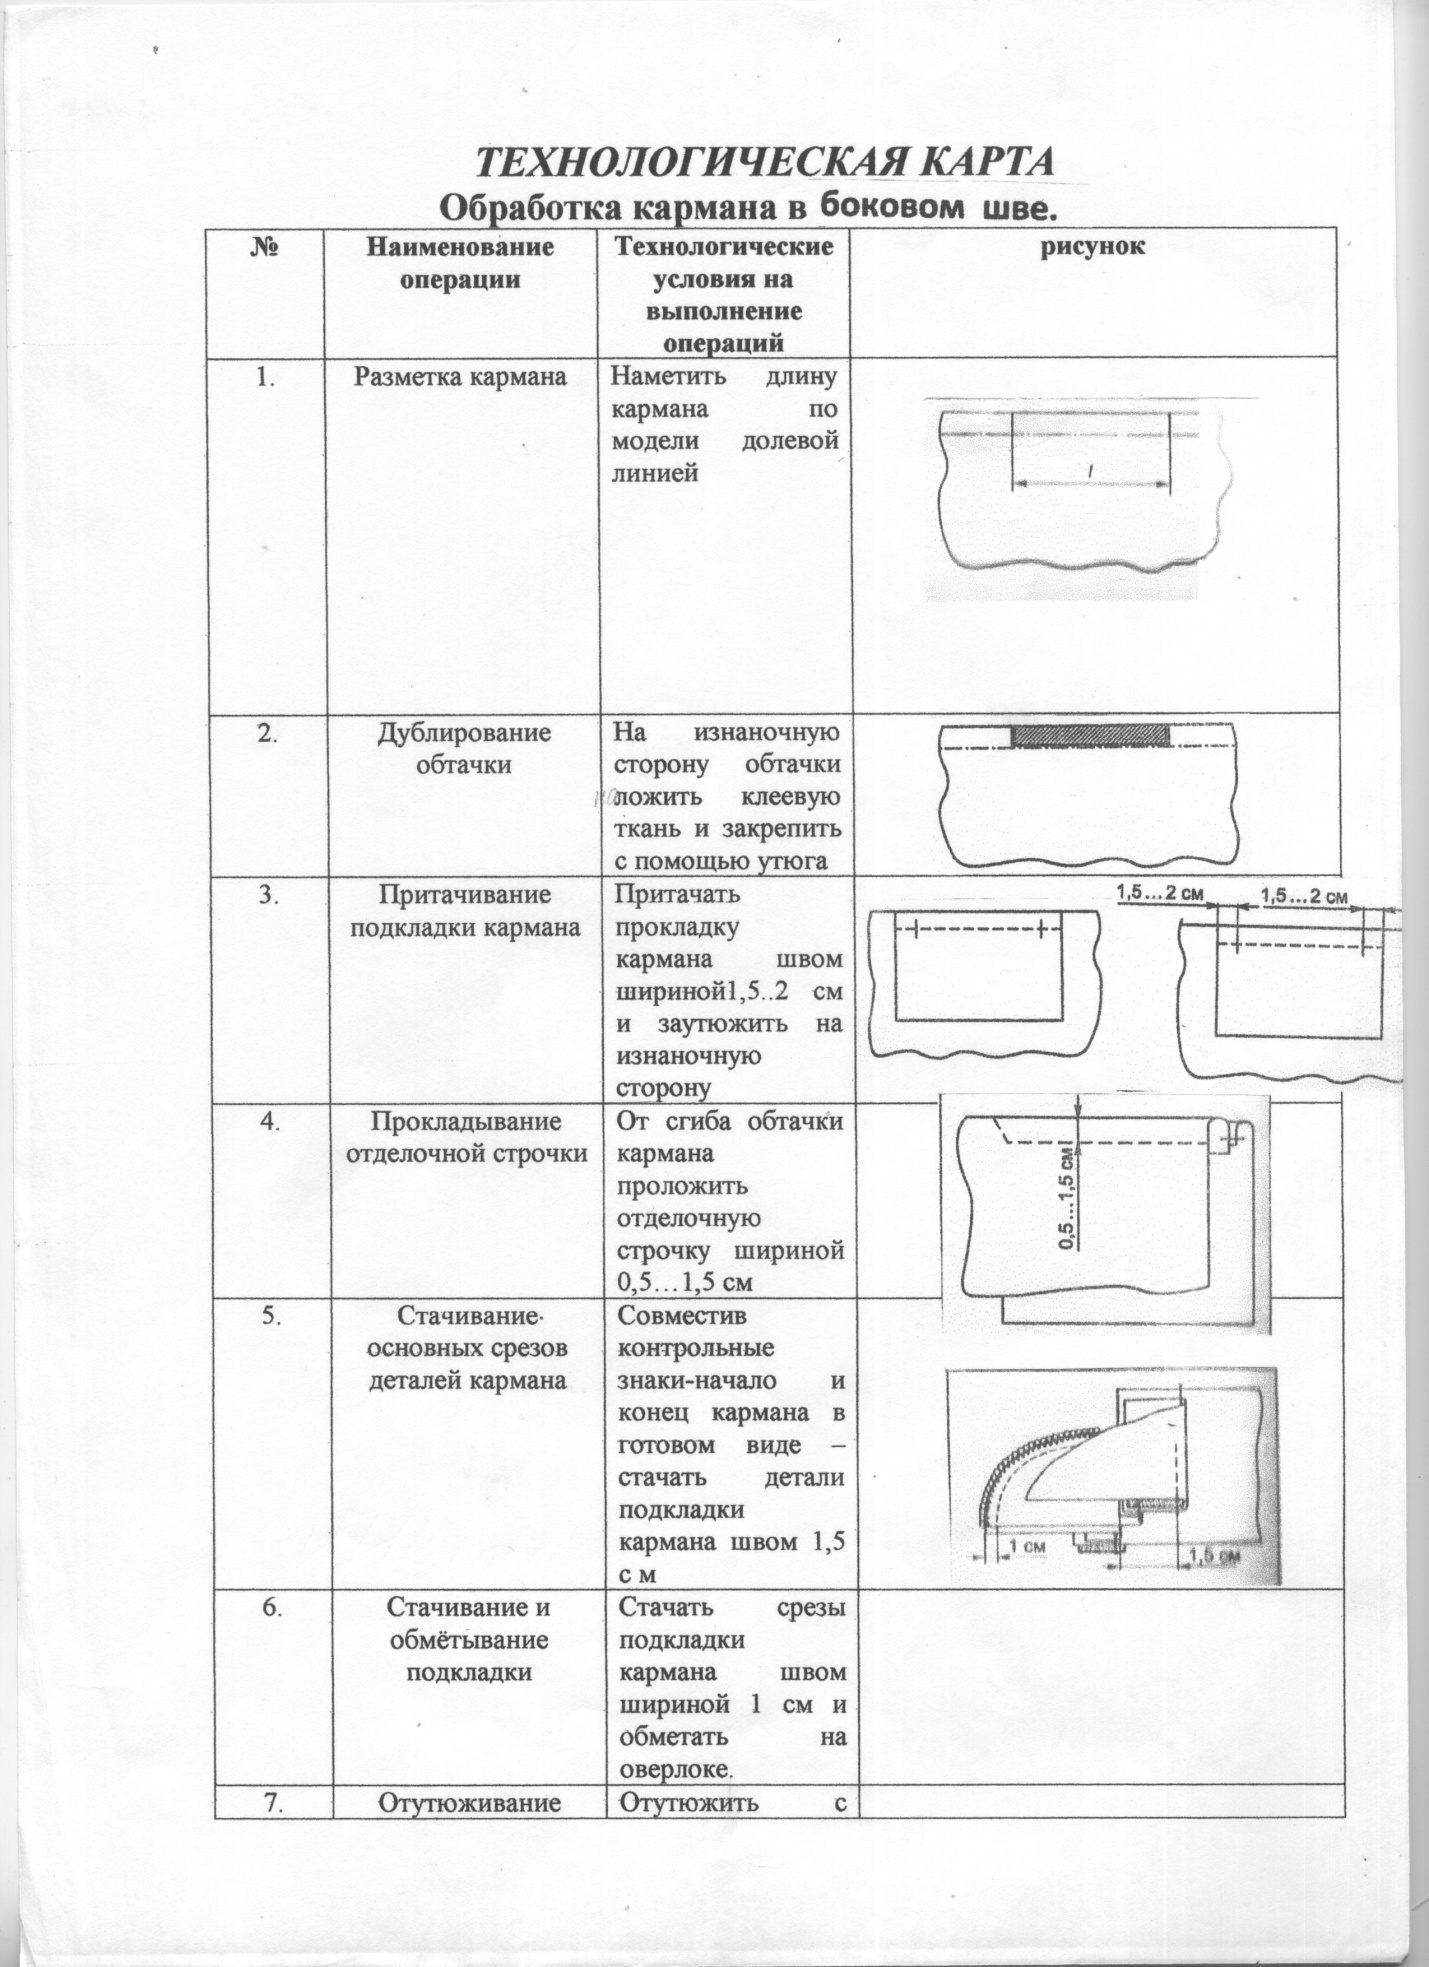 J:\Пакет экзамен.билетов 9кл\Технологические карты\010.jpg